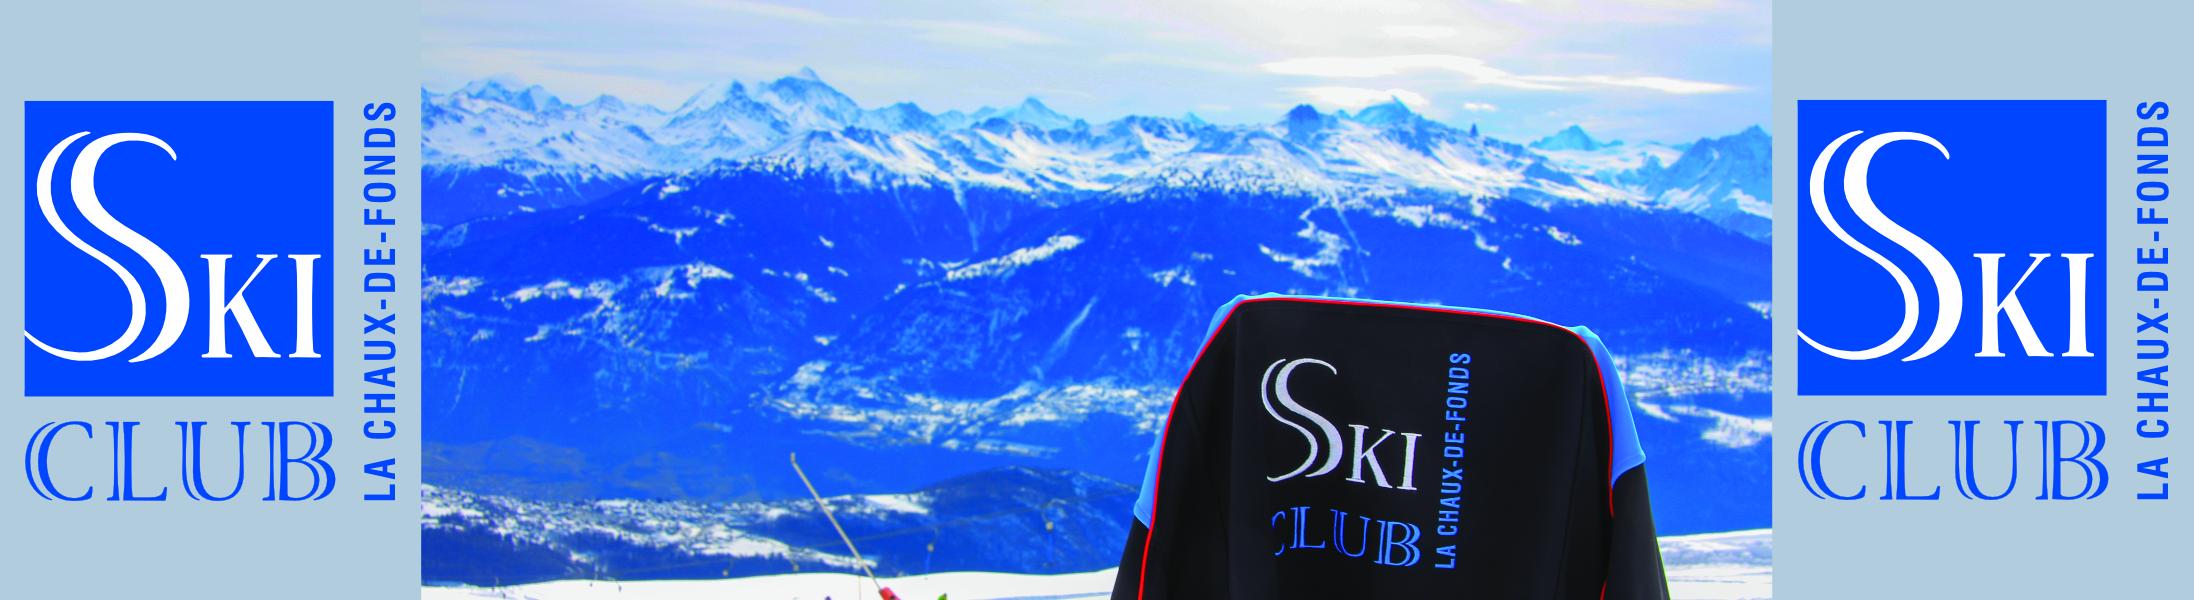 Ski-Club La Chaux-de-Fonds